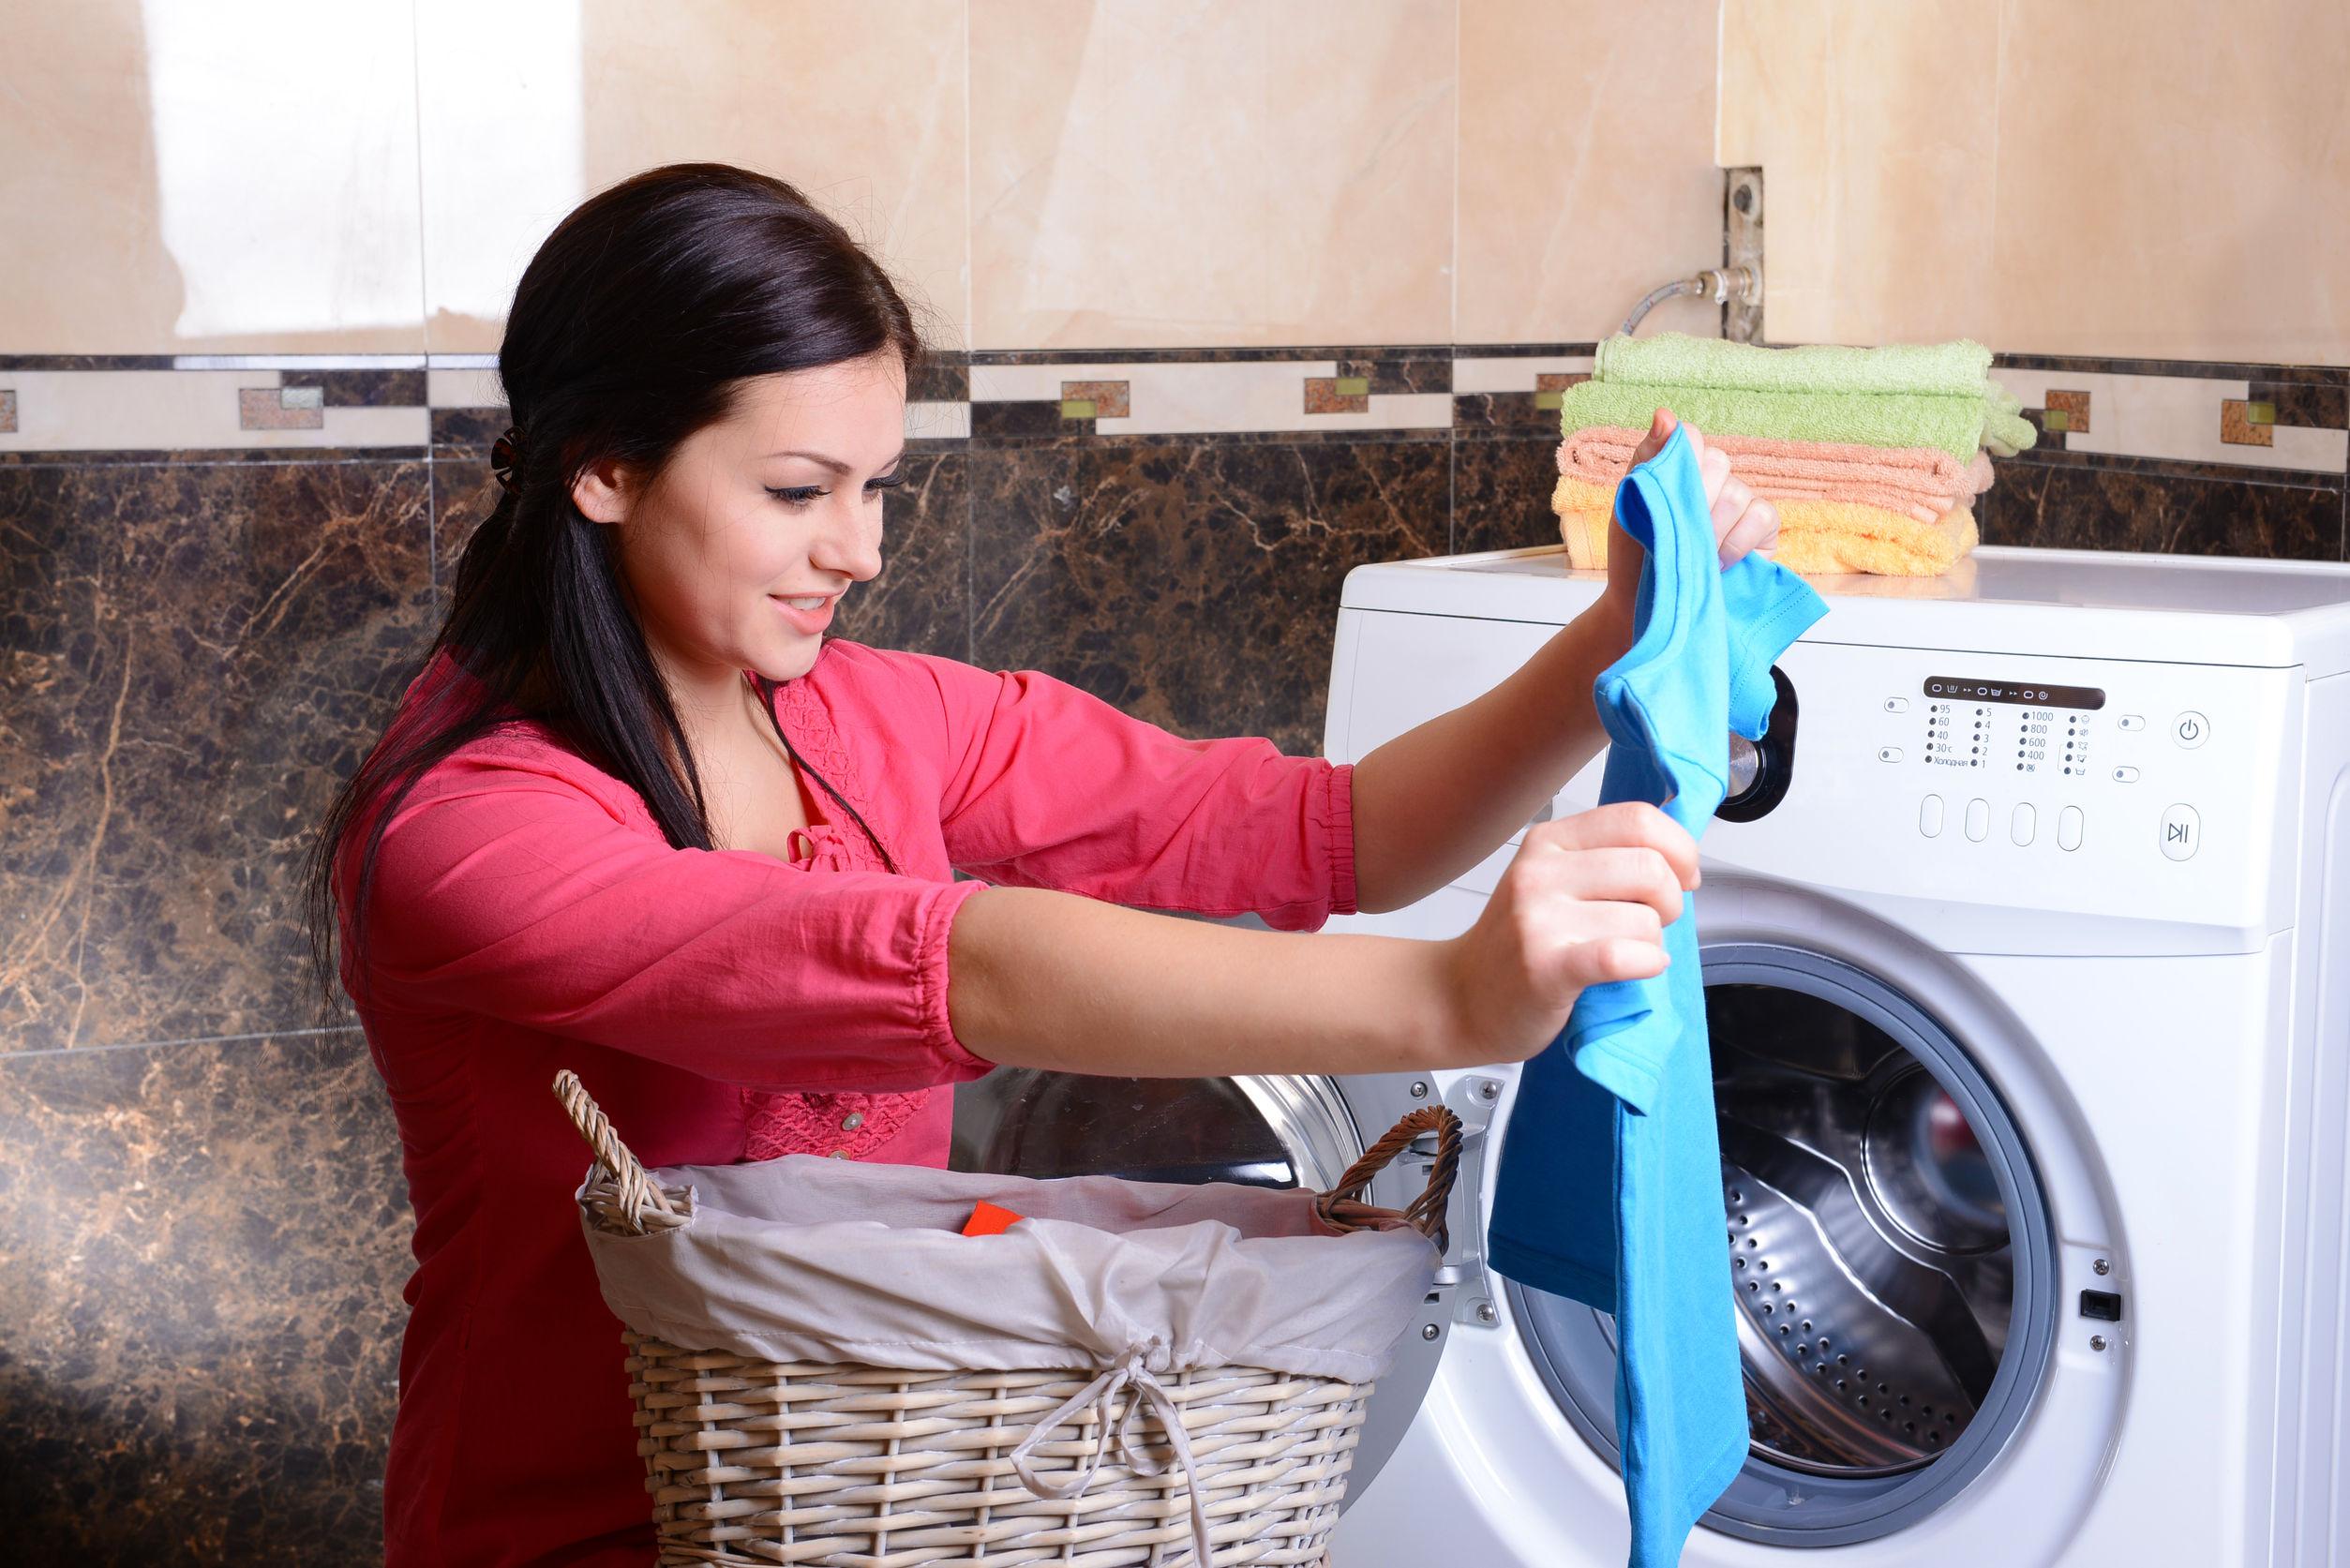 Жінка пере речі у пральній машині